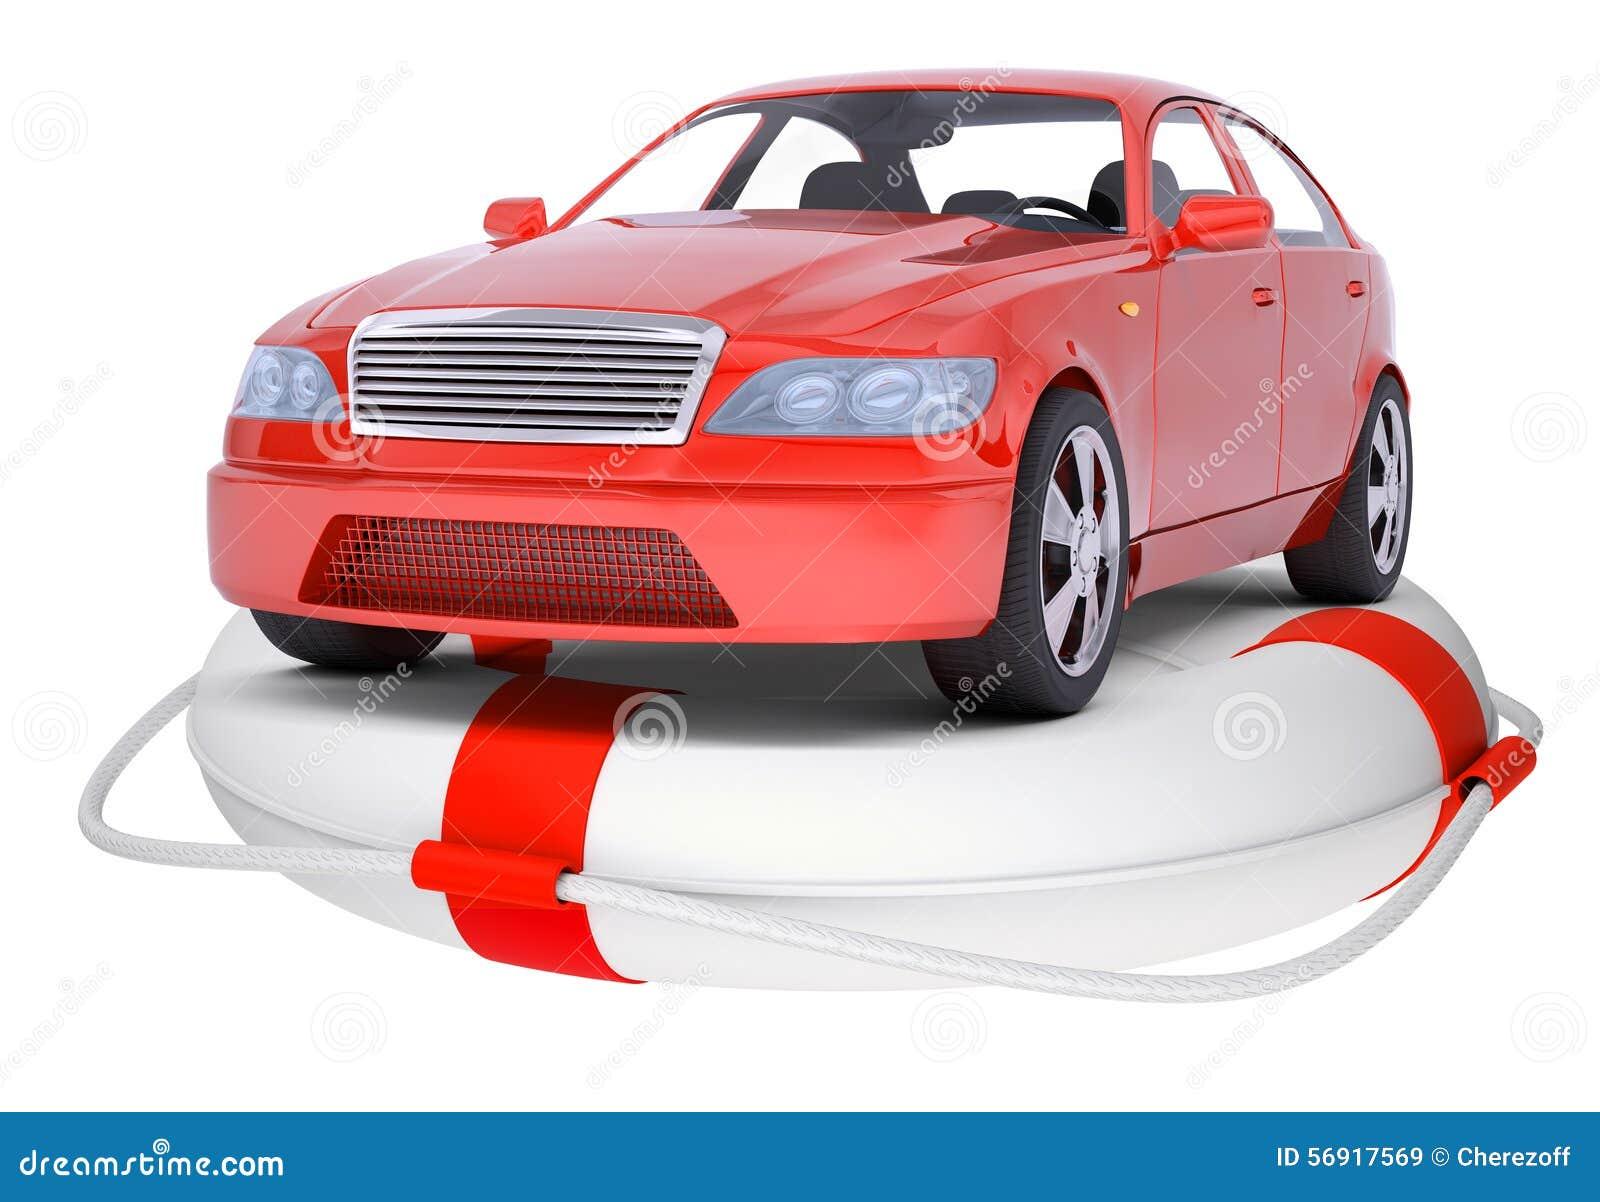 Κόκκινο αυτοκίνητο στο σημαντήρα δαχτυλιδιών